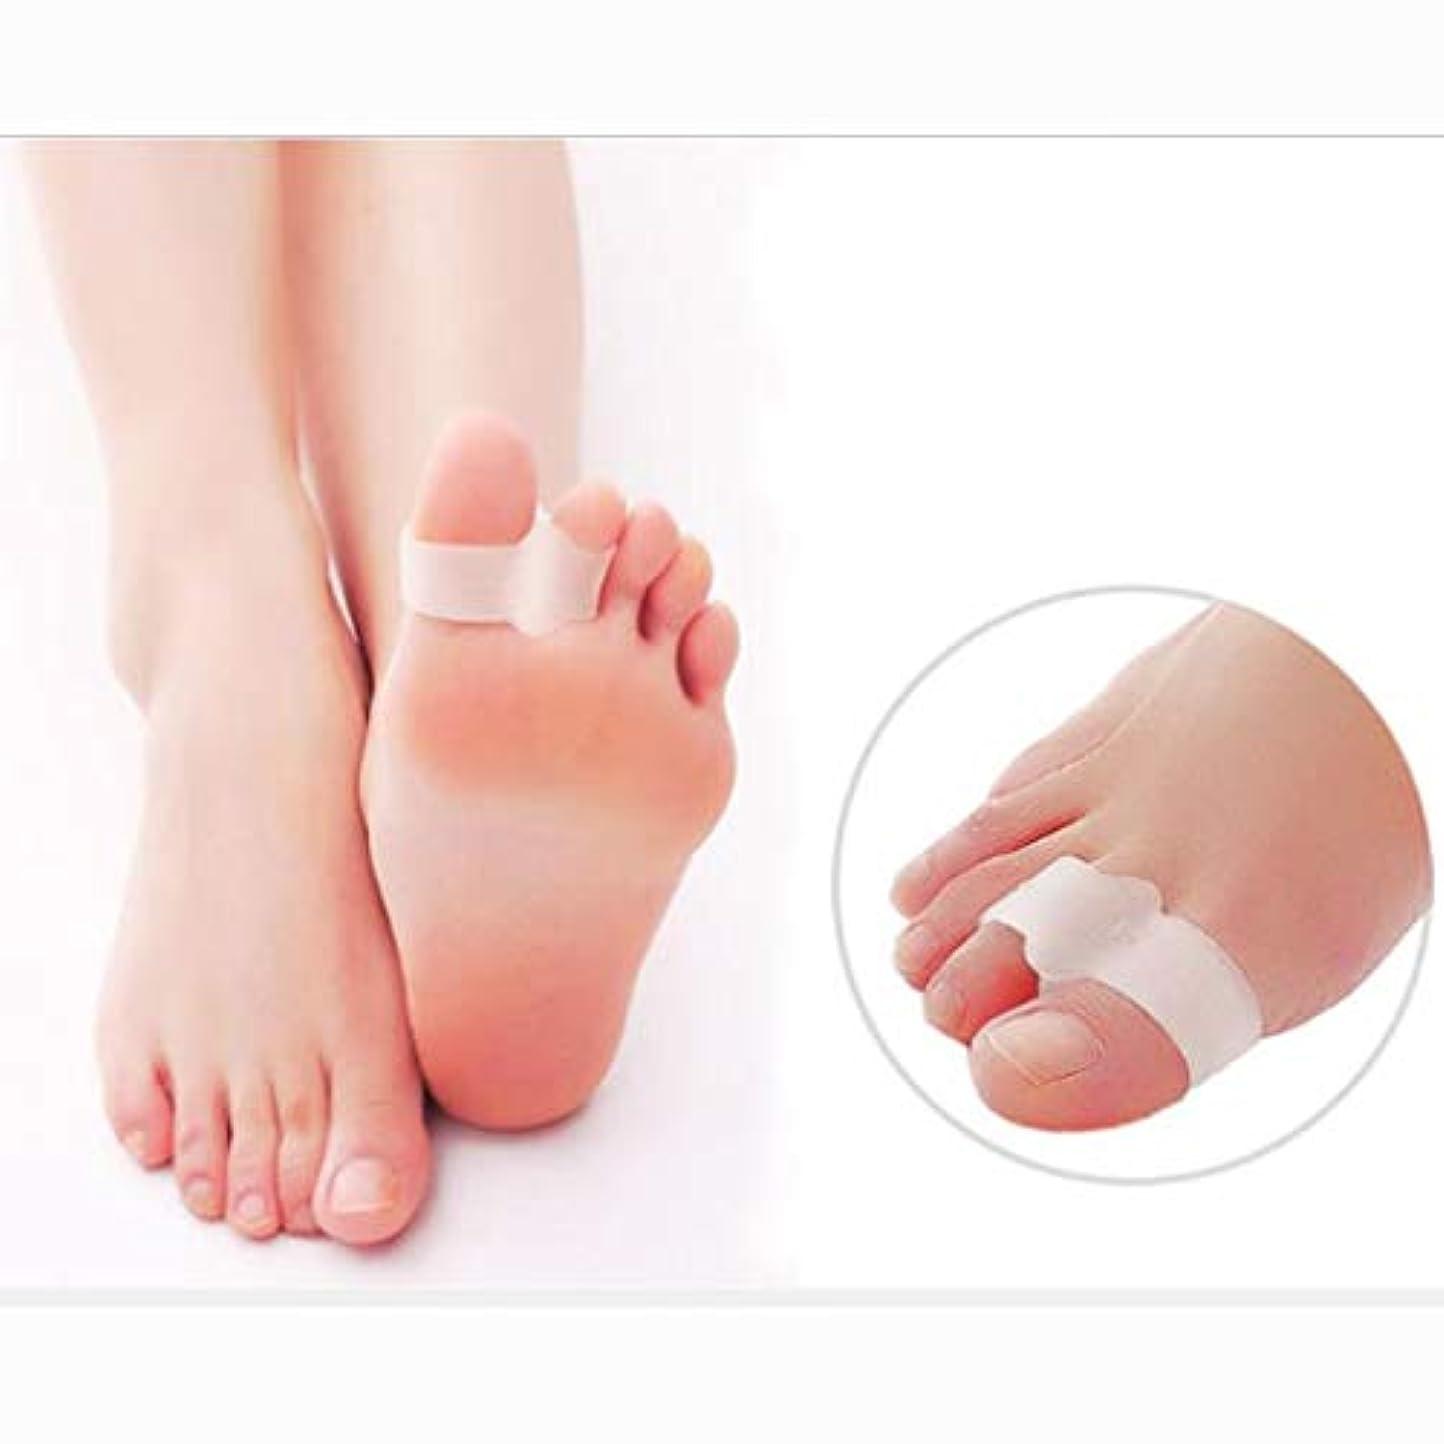 身元インストールアフリカFANGQIAO SHOP-脚装具 足矯正器-M-toe Eversion Hemper Toe Head Big Bone Toe Overlapping Finger Deviator 脚装具-10.11 (Size...